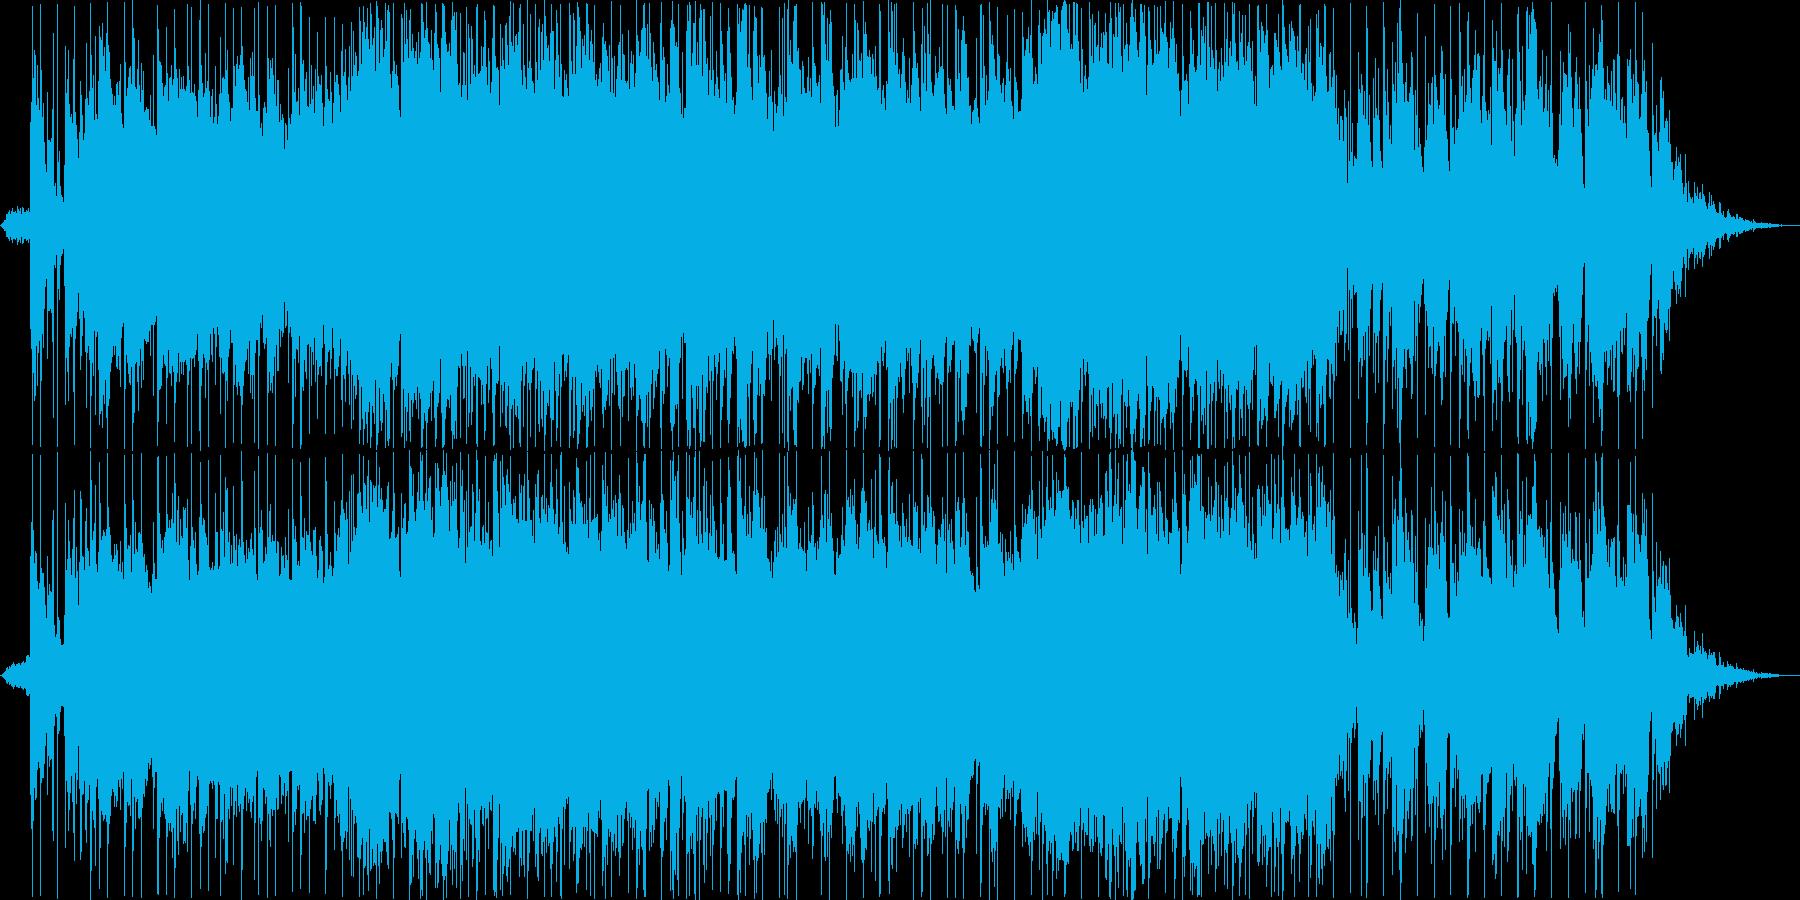 ダニーボーイのバンドアレンジ版の再生済みの波形